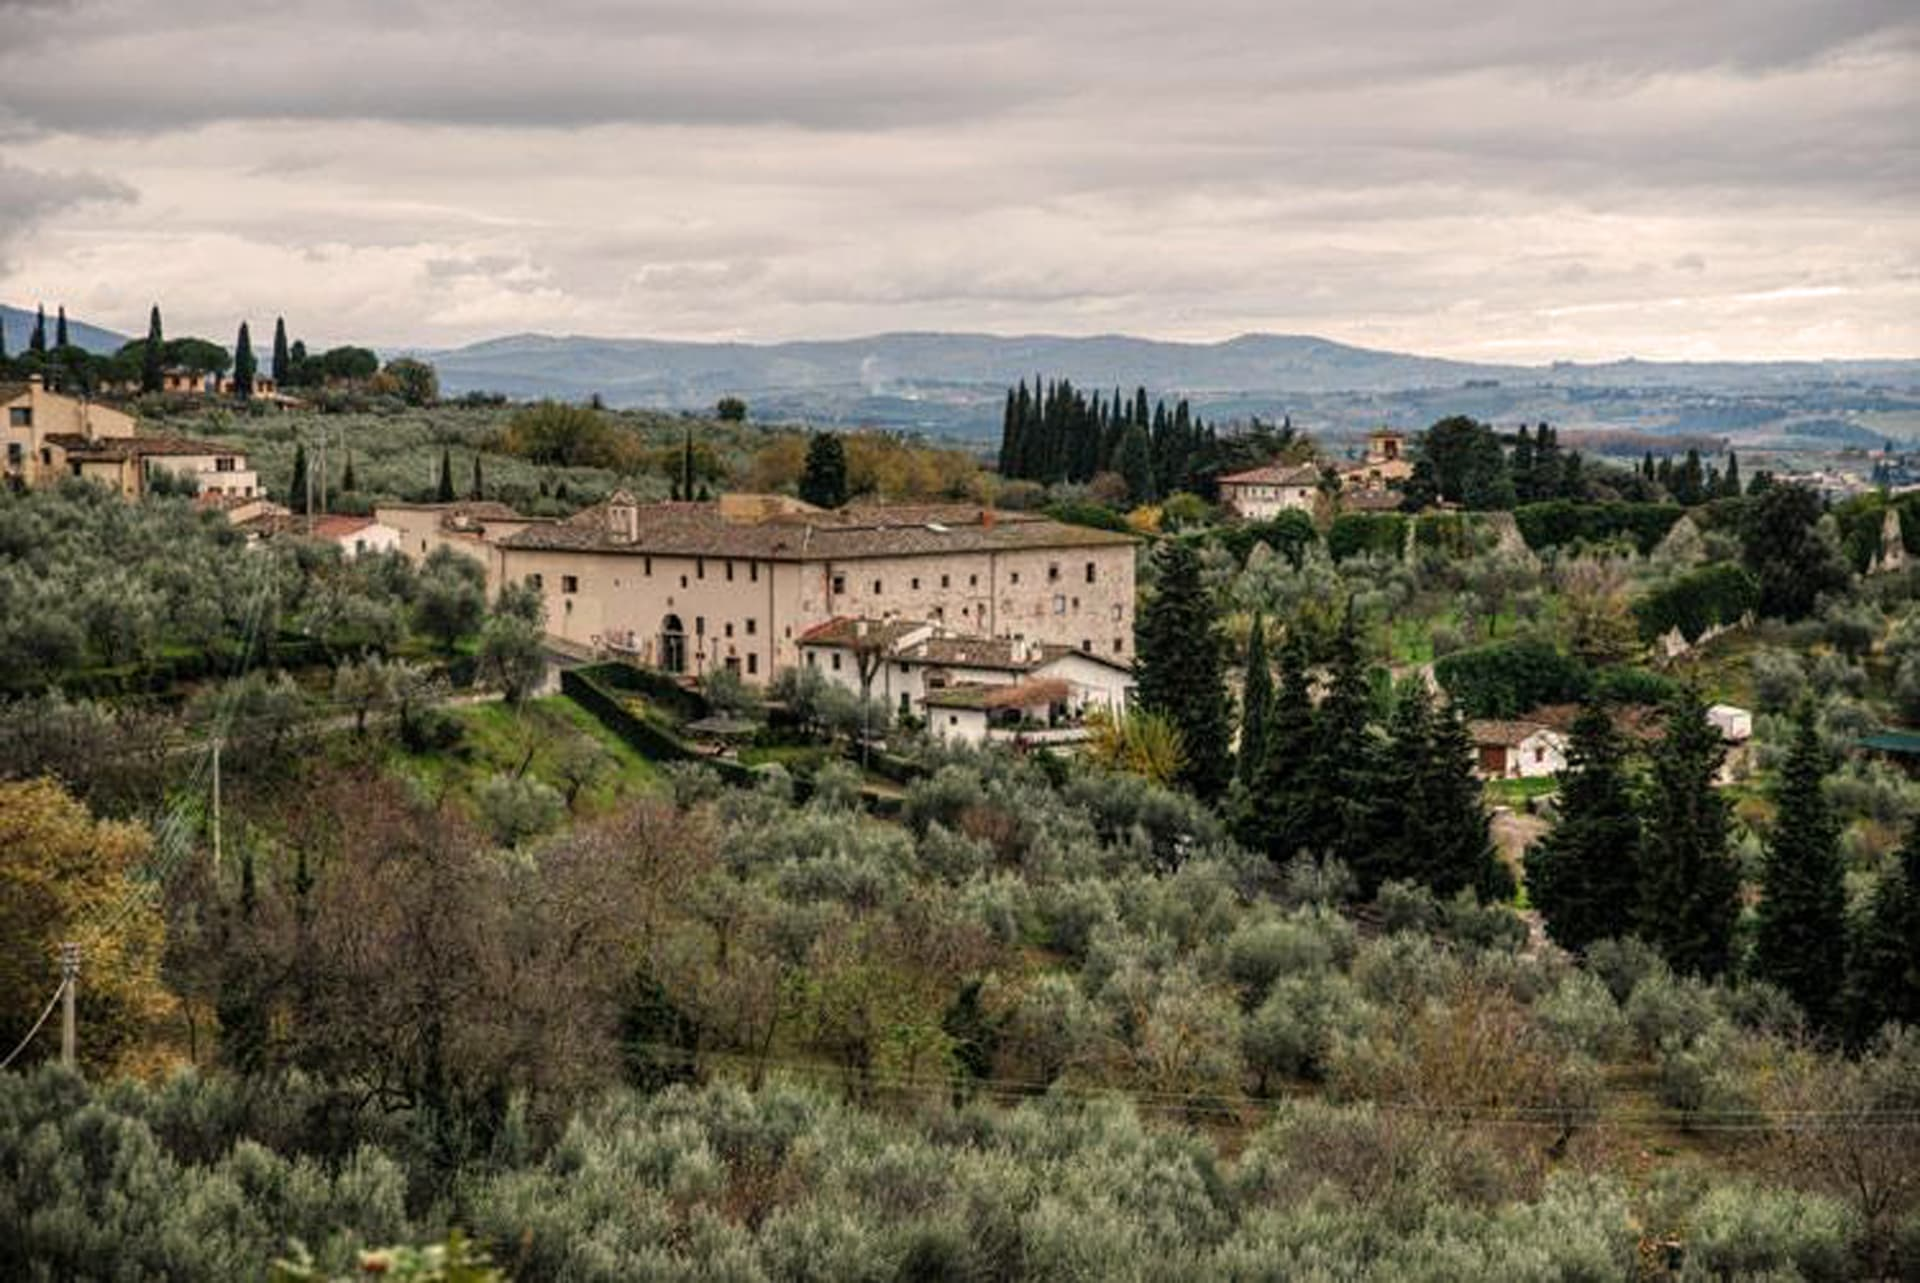 HOSTEL - Ostello del Bigallo - Bigallo Hostel